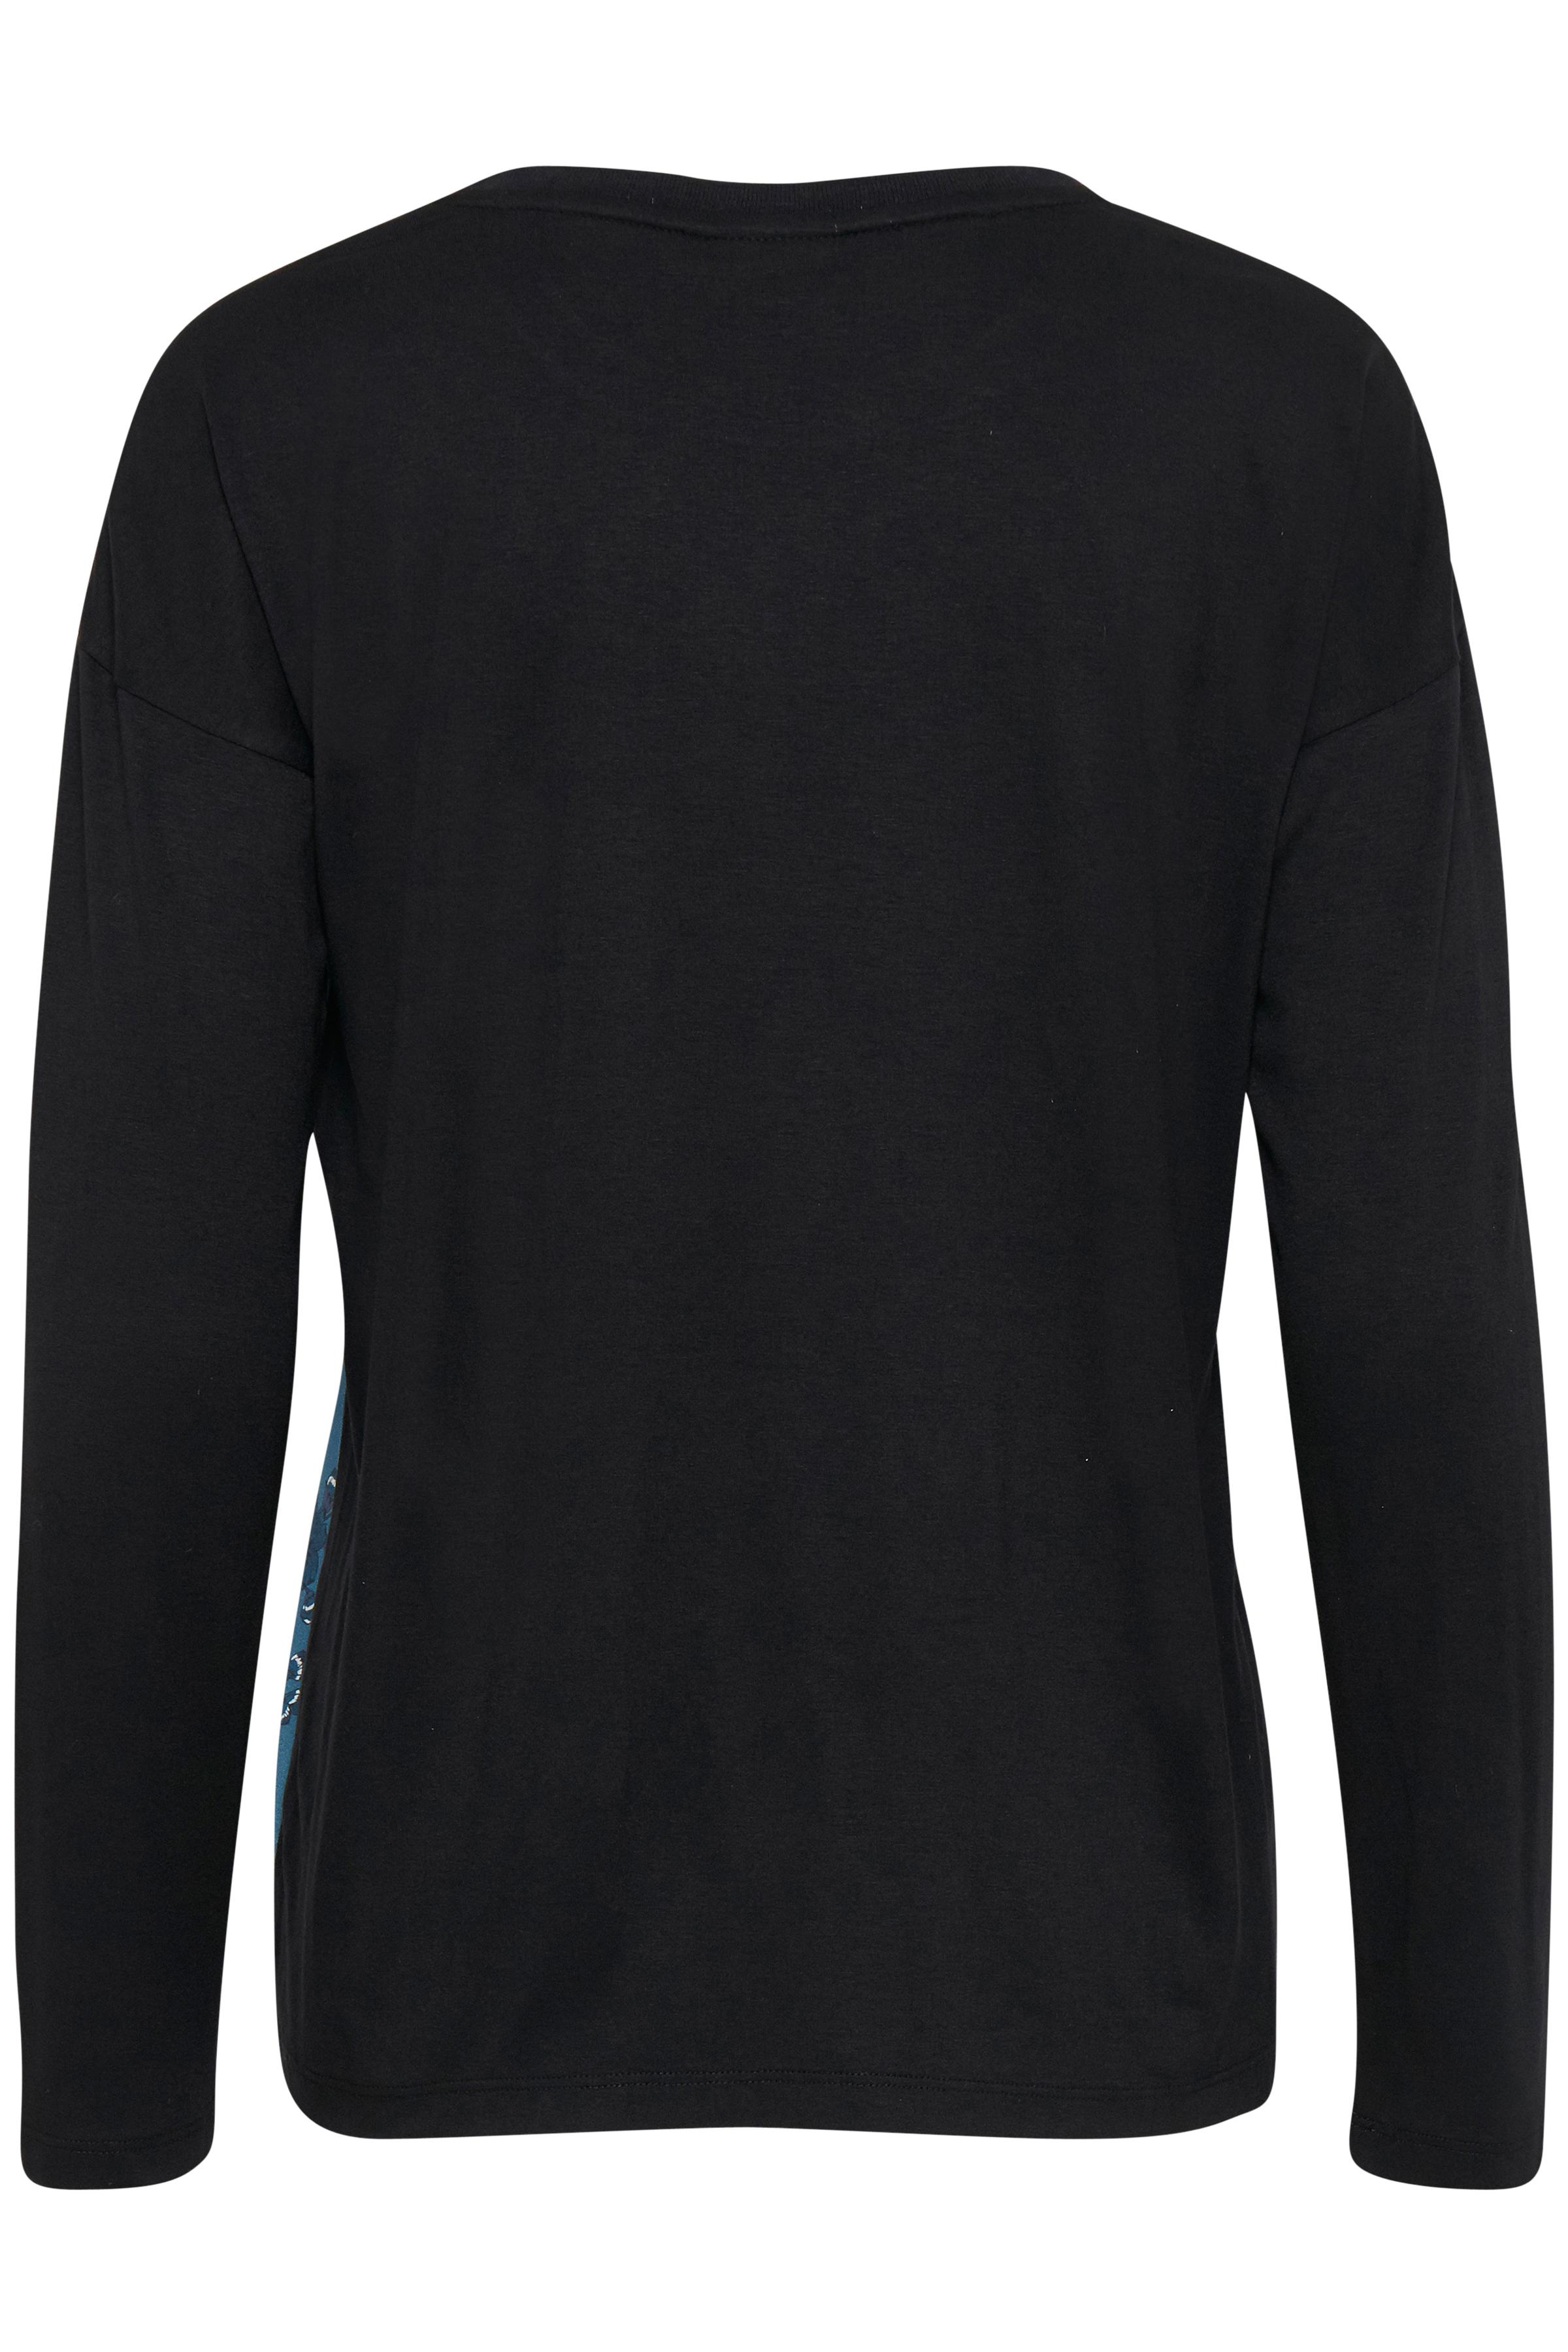 Black Langærmet T-shirt fra b.young – Køb Black Langærmet T-shirt fra str. XS-XXL her